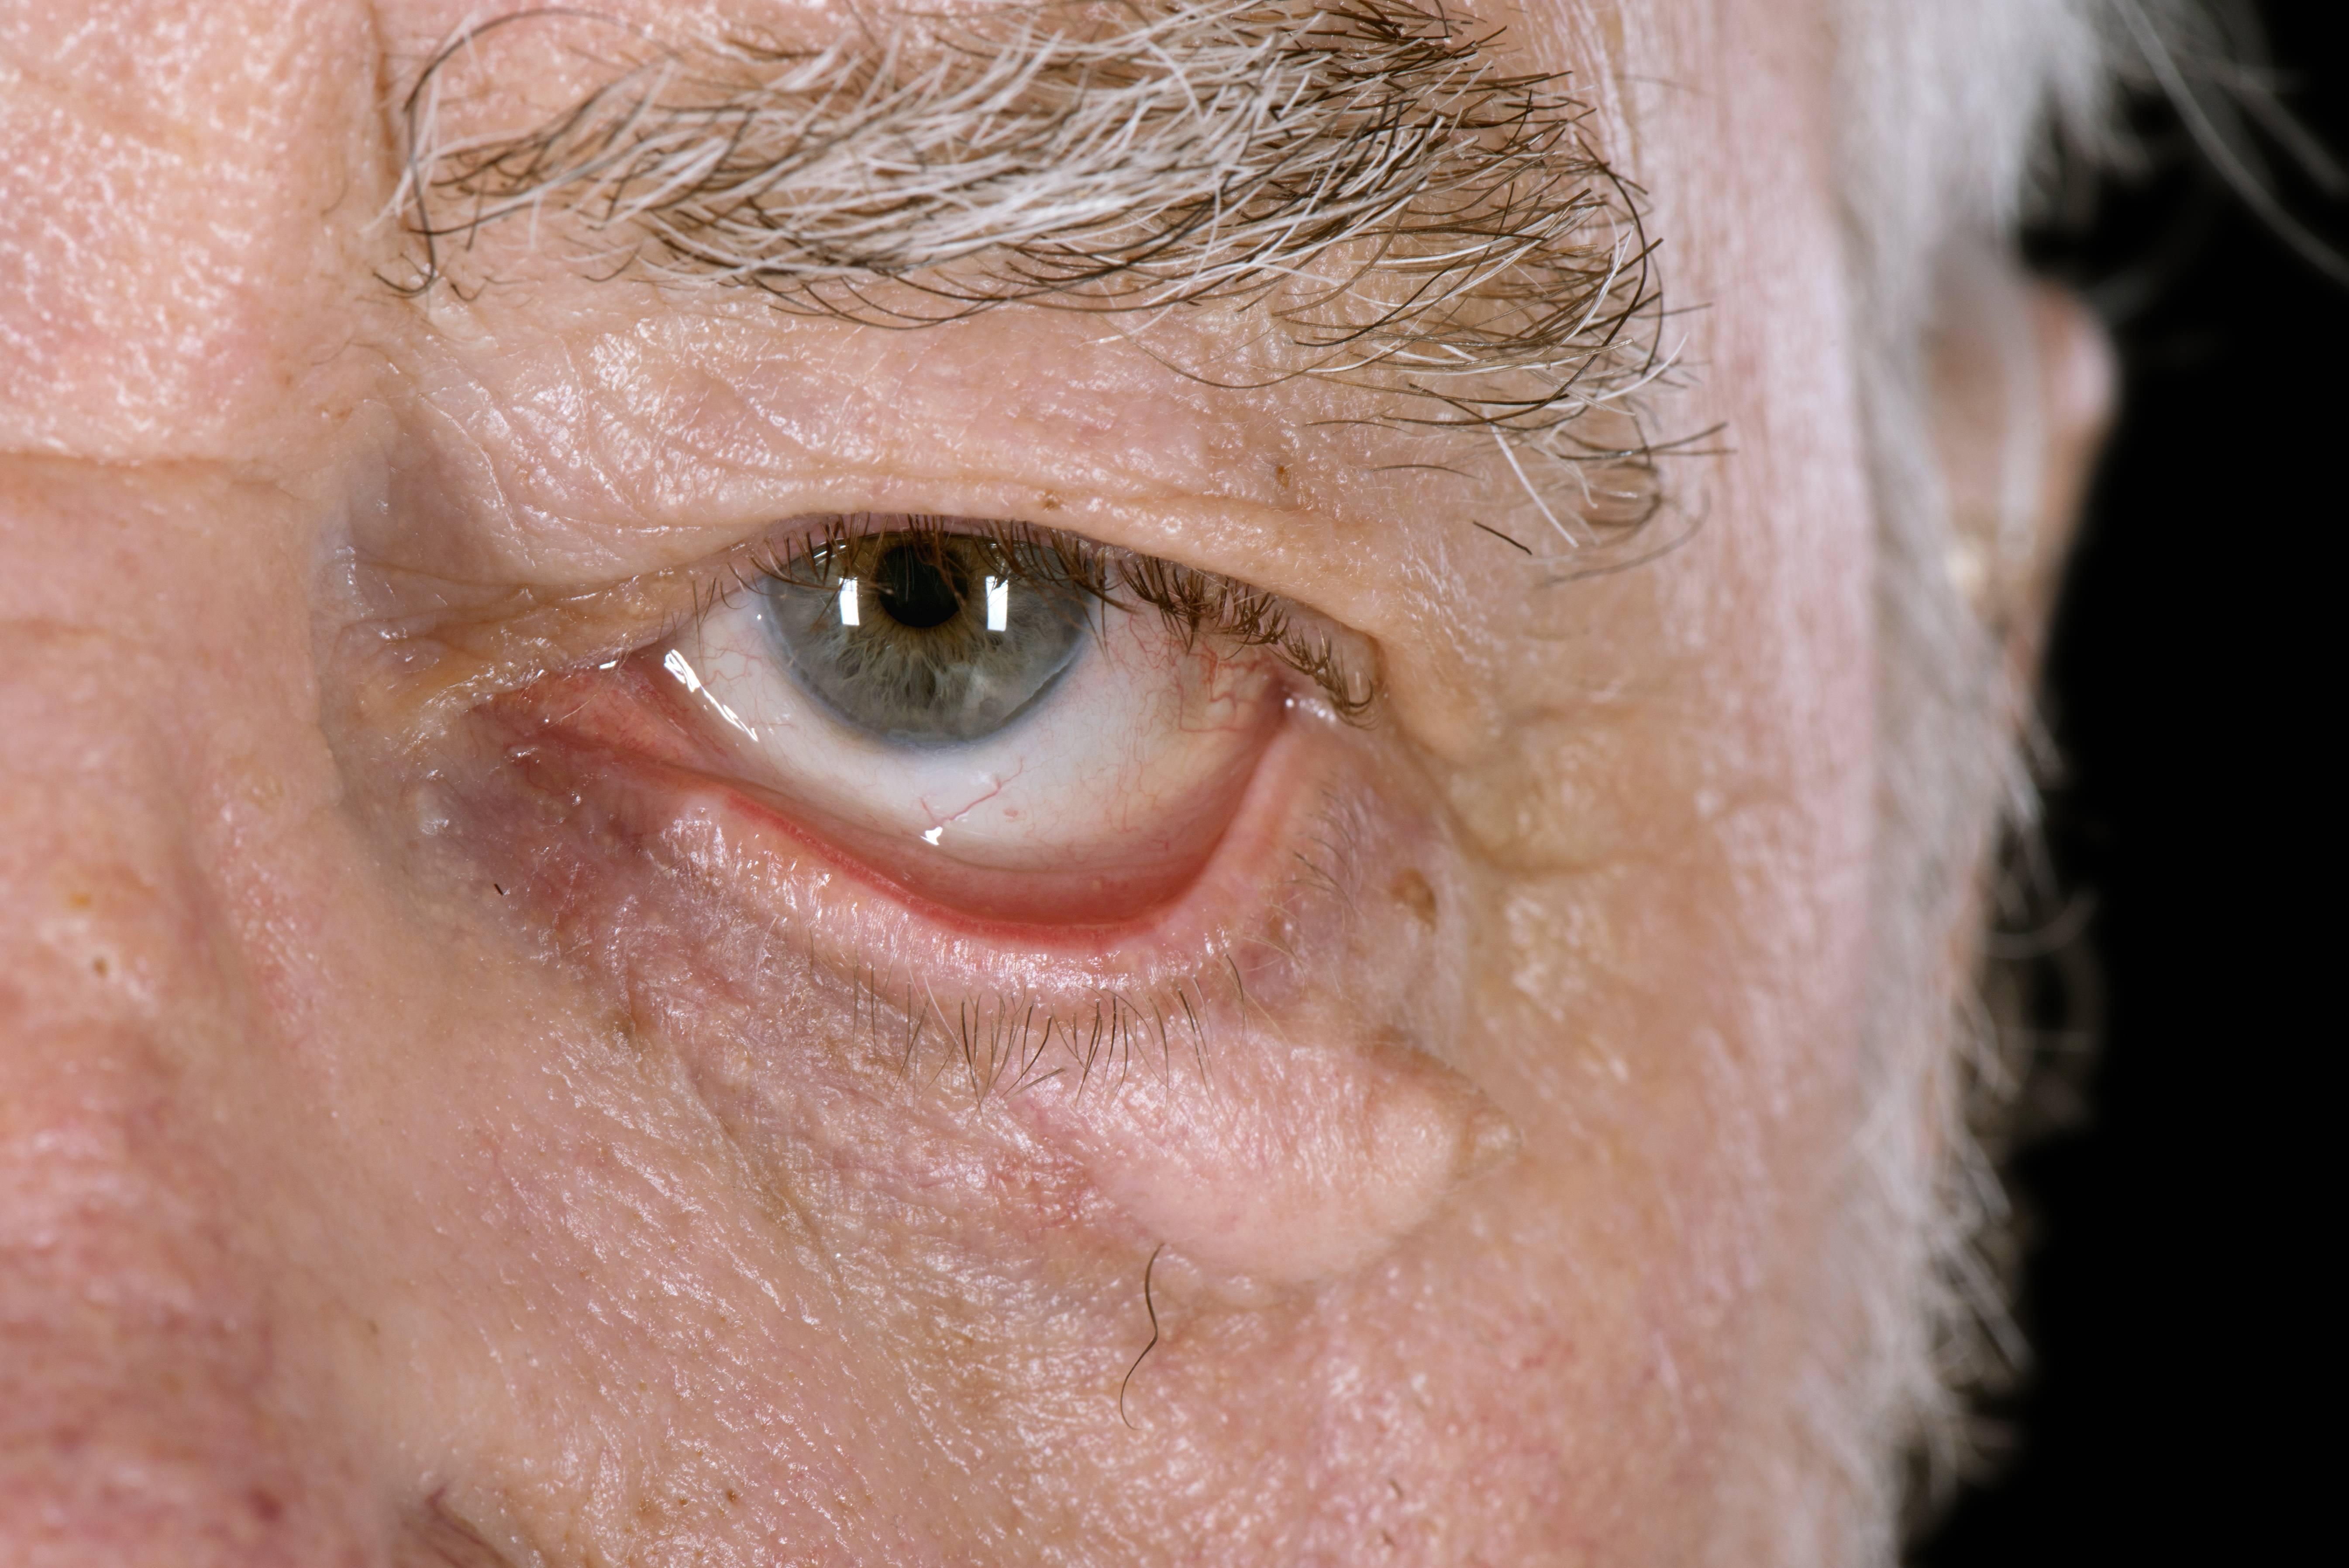 Выворот века (эктропион), причины, симптомы, лечение. все о глазных болезнях.